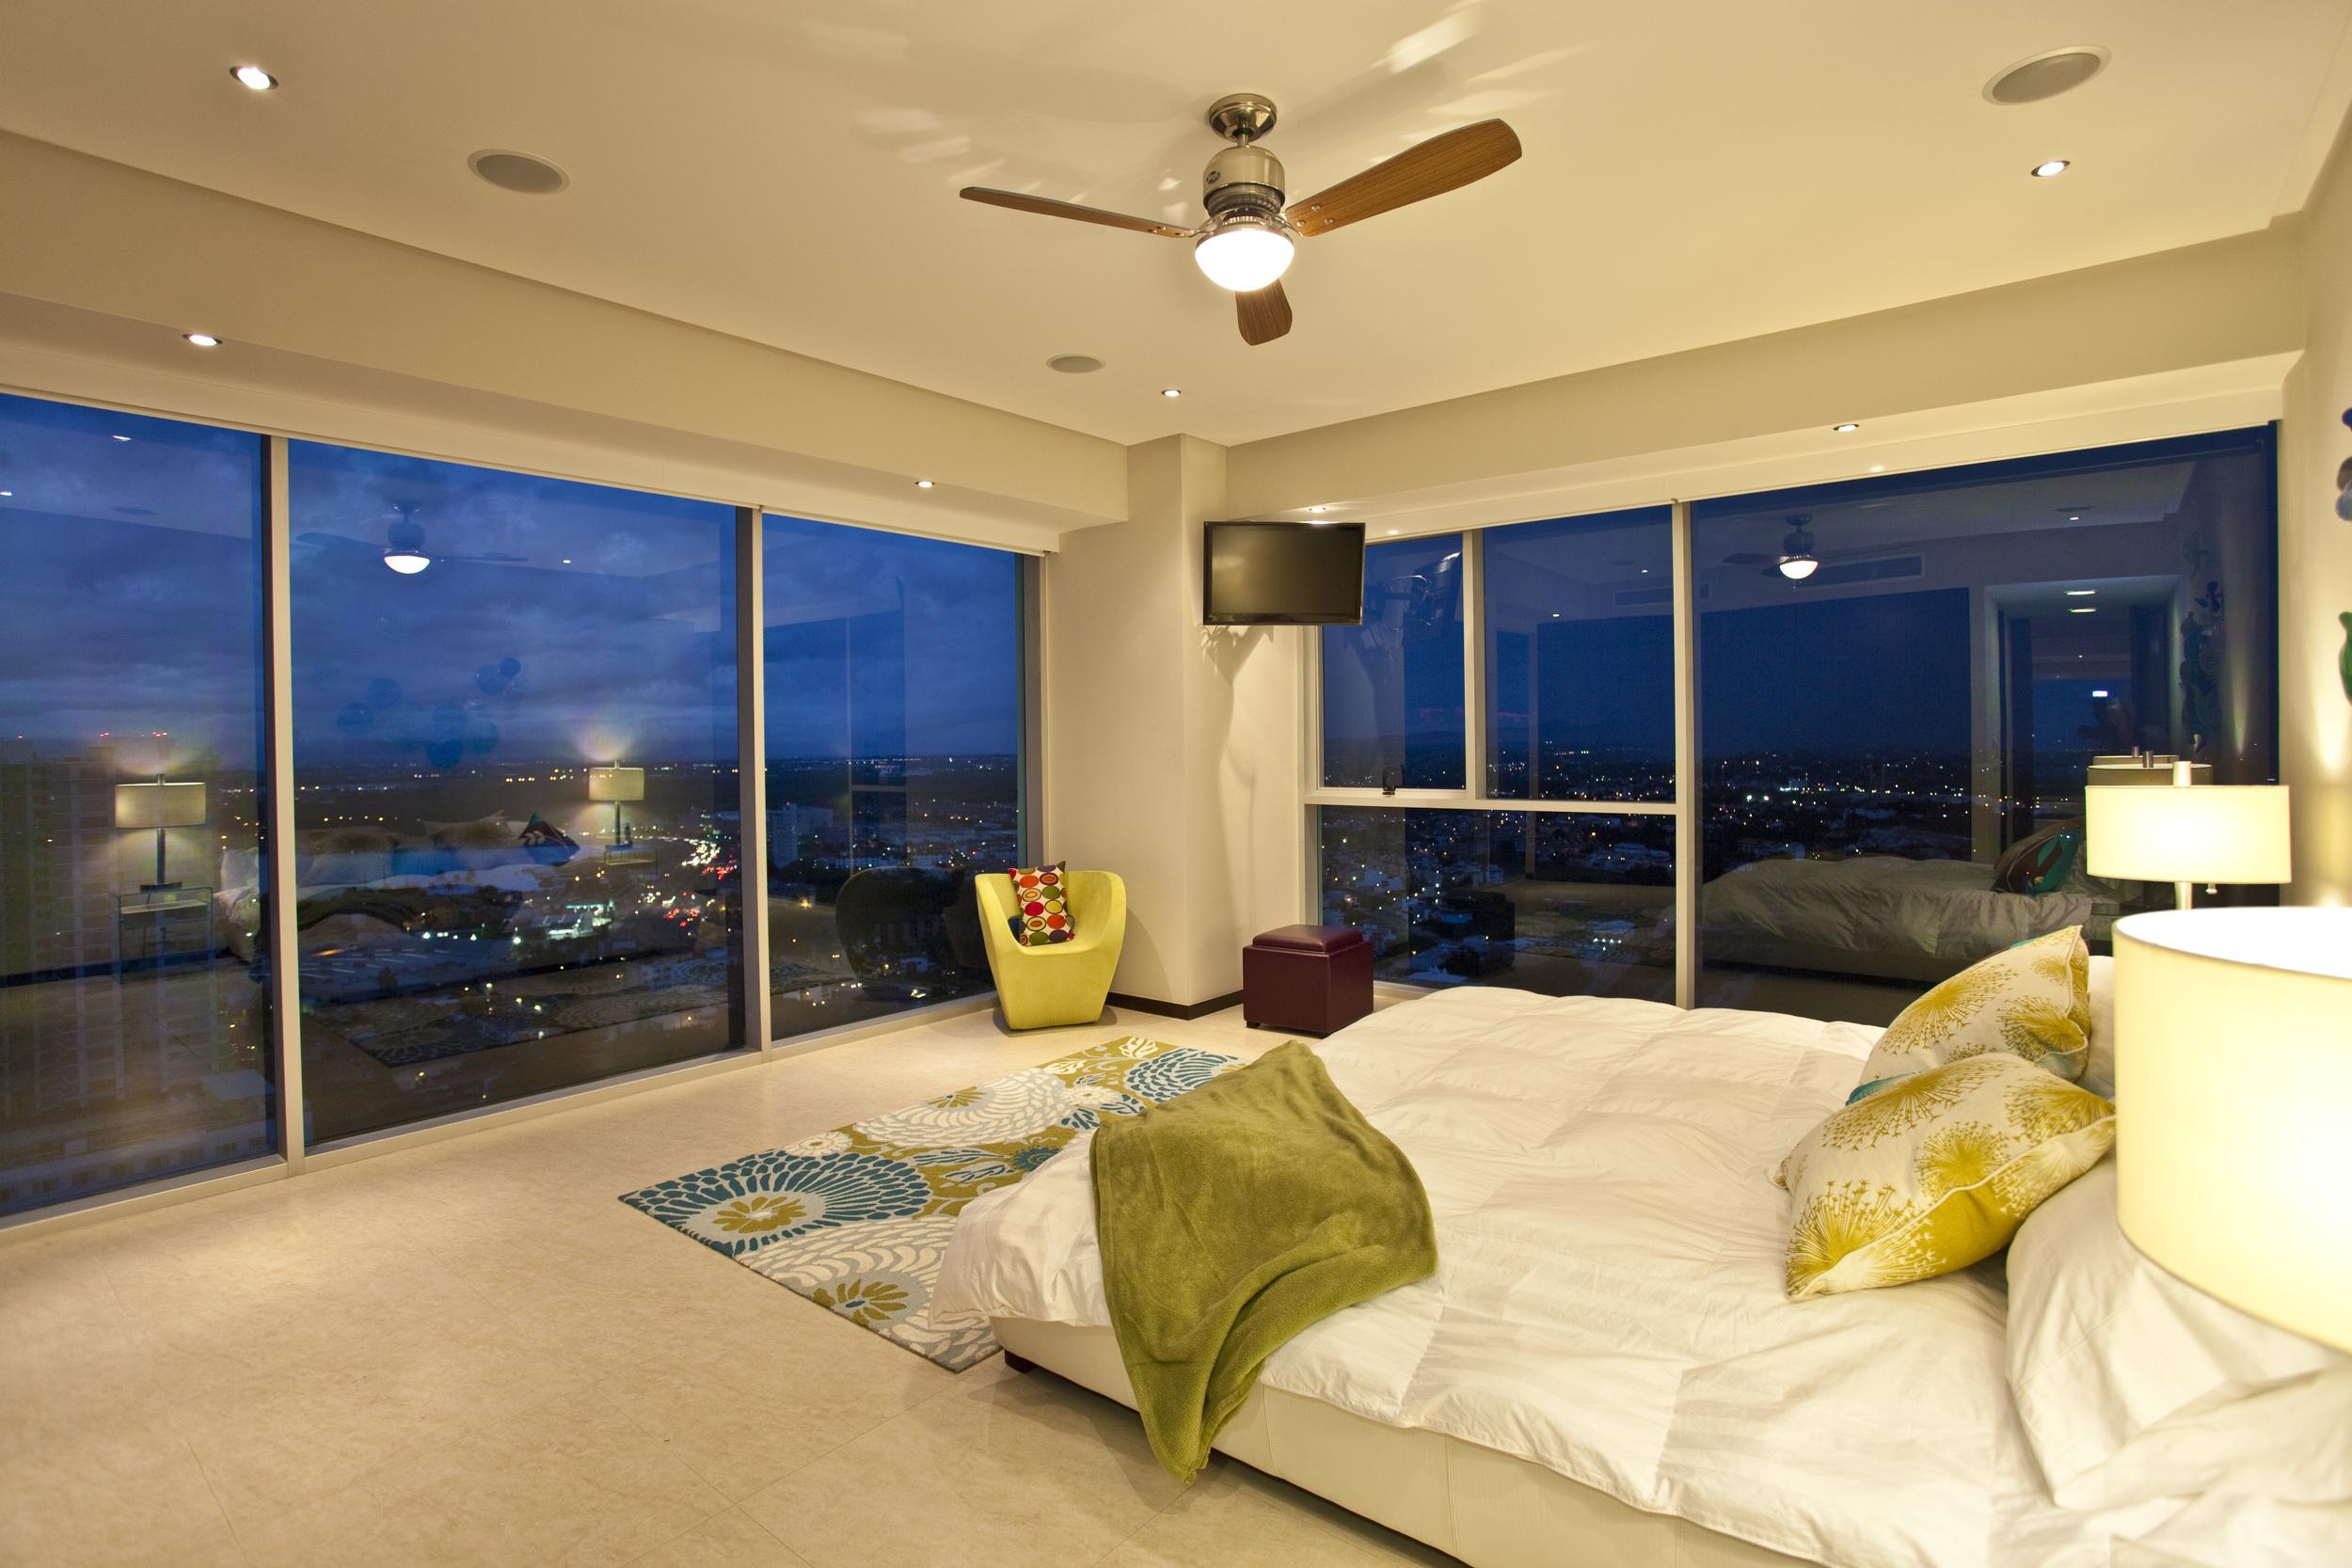 Luxurious bedroom at Puerto Vallarta villa for rent